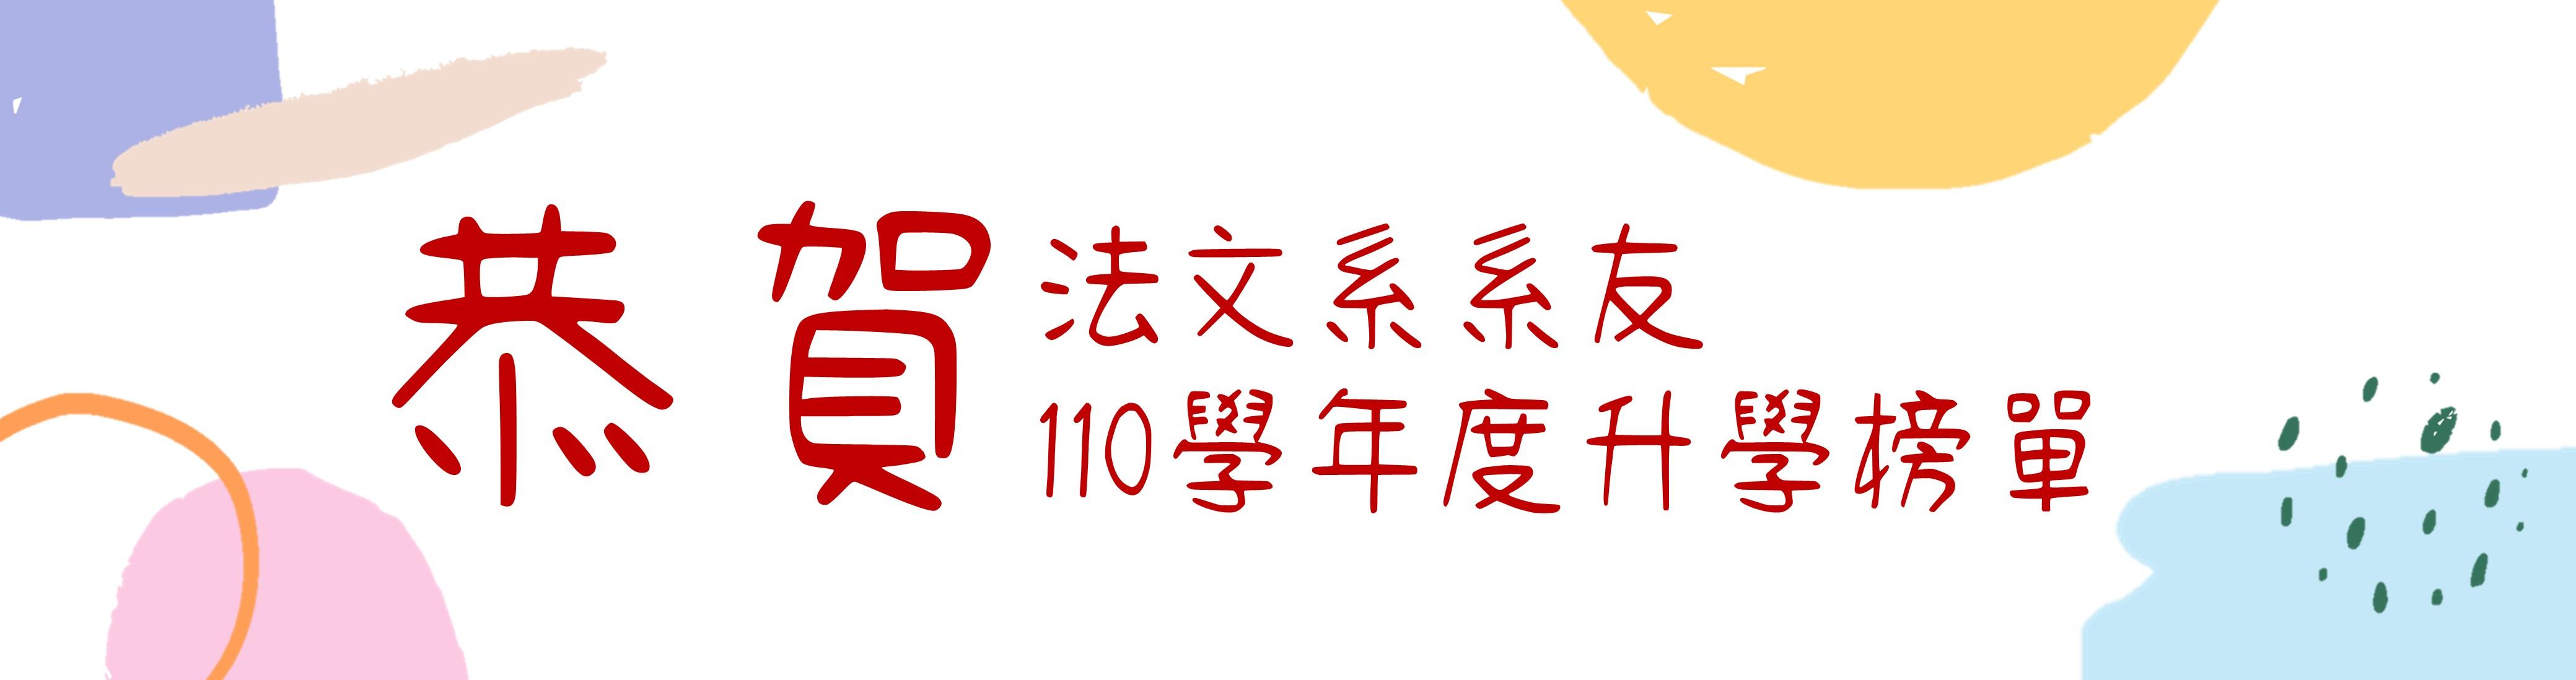 110學年度升學榜單(另開新視窗)